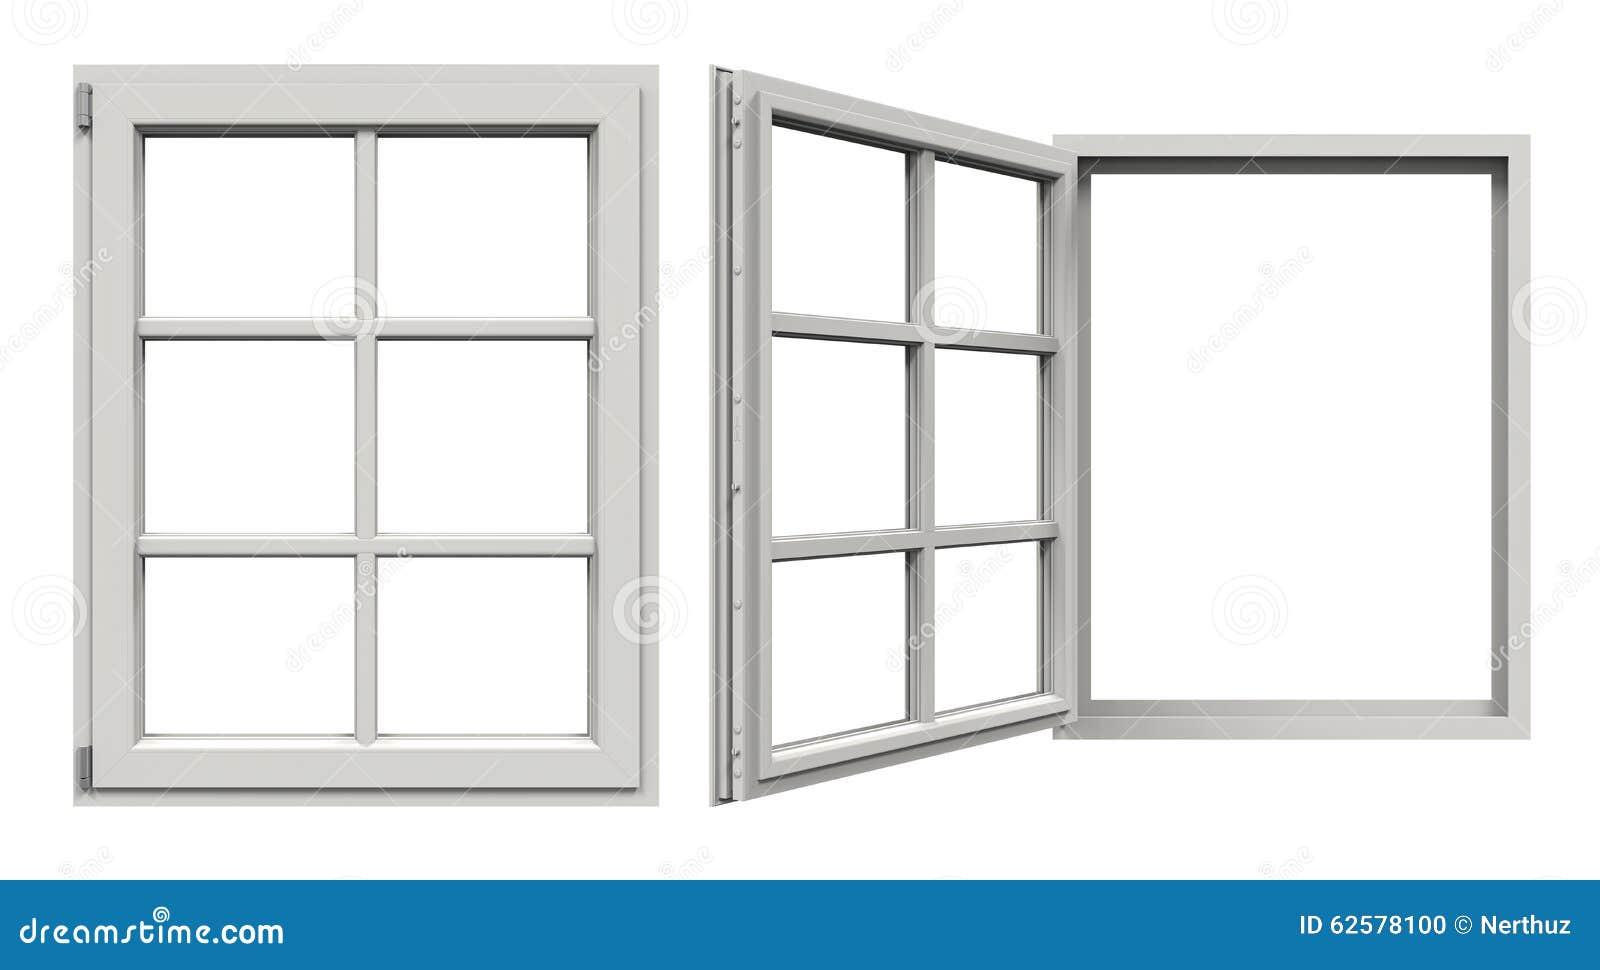 St ngt f nster som r ppet och stock illustrationer - Download er finestra ...